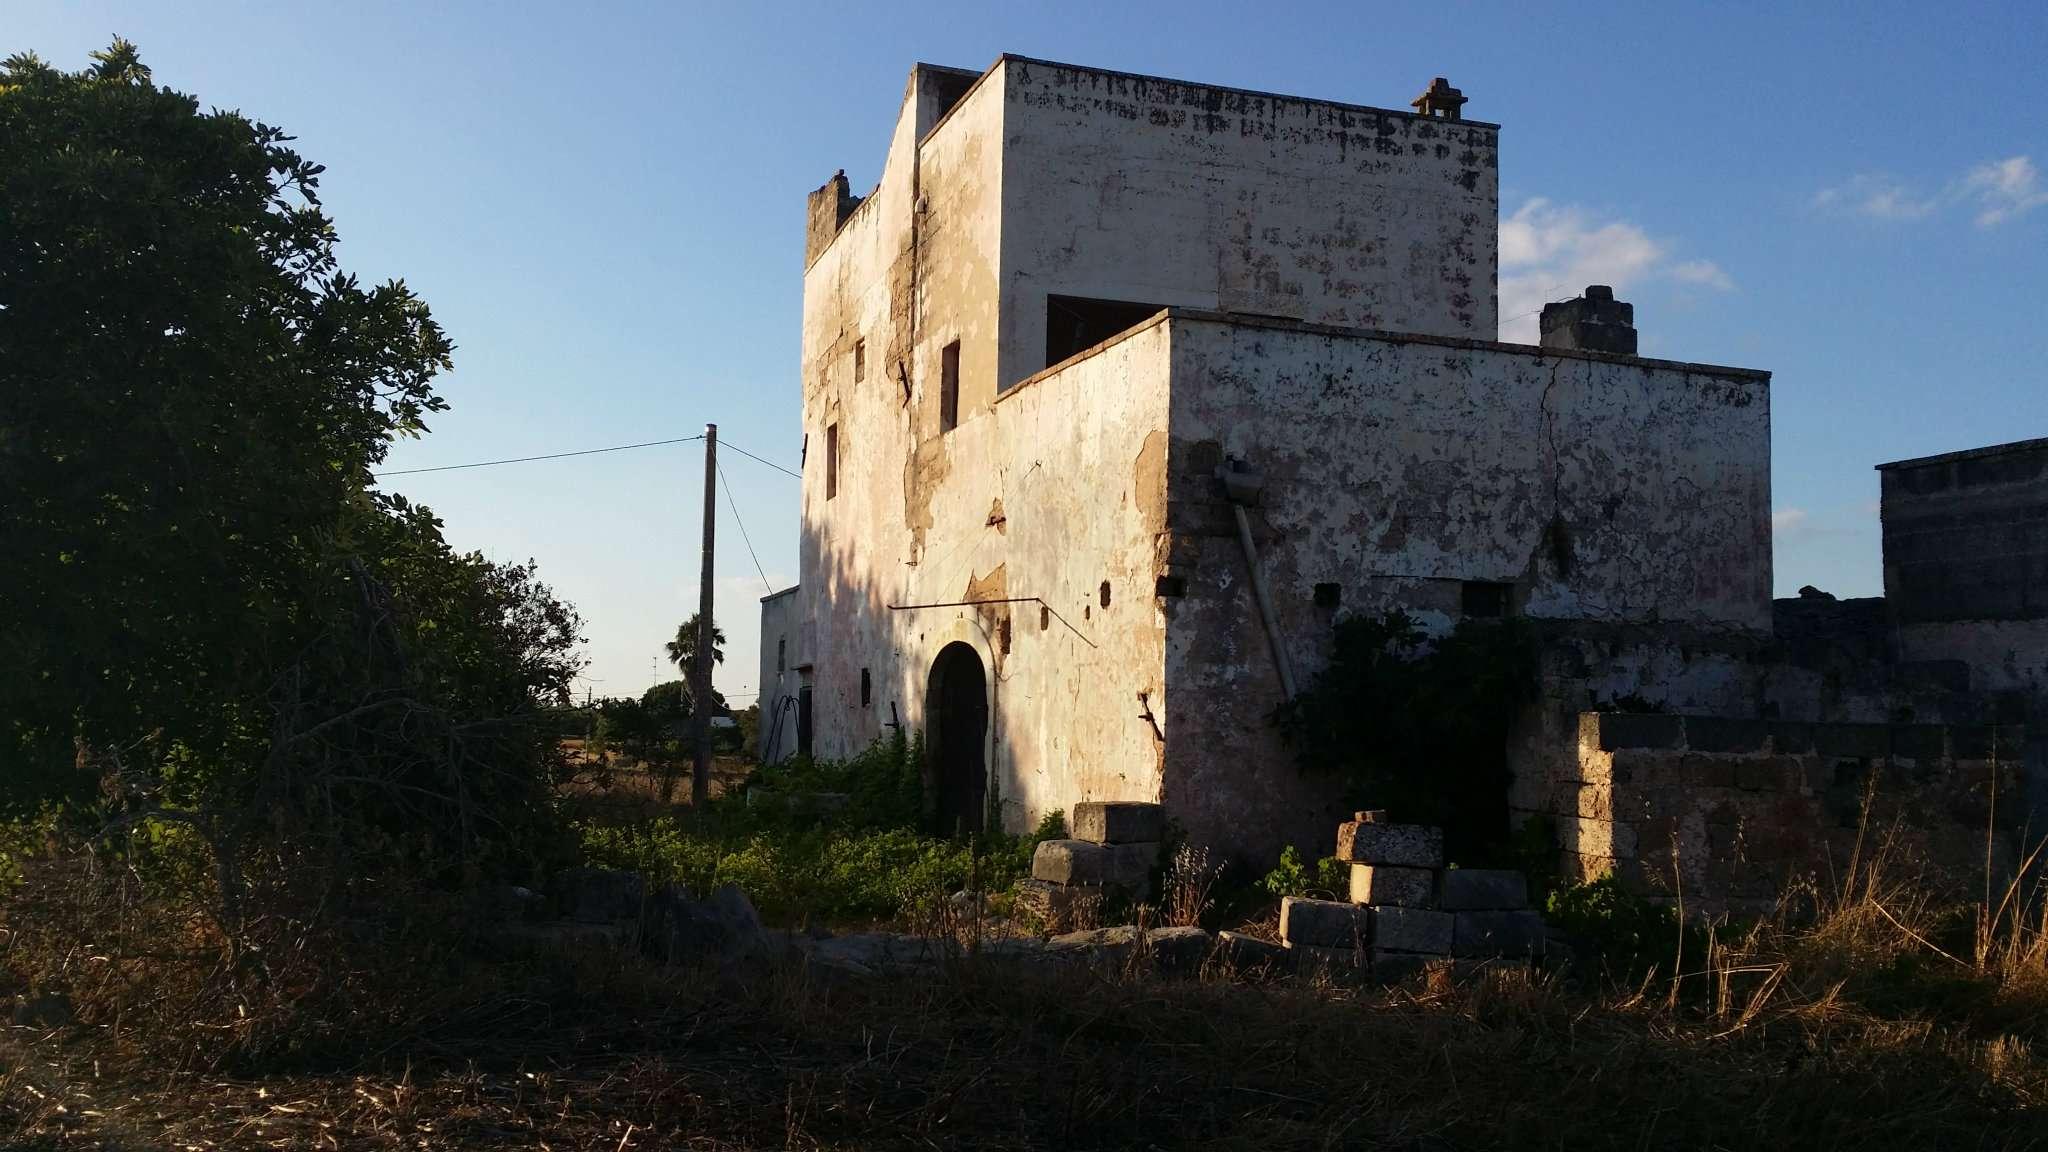 Foto 2 di Casa Colonica contrada Paduli, Cutrofiano